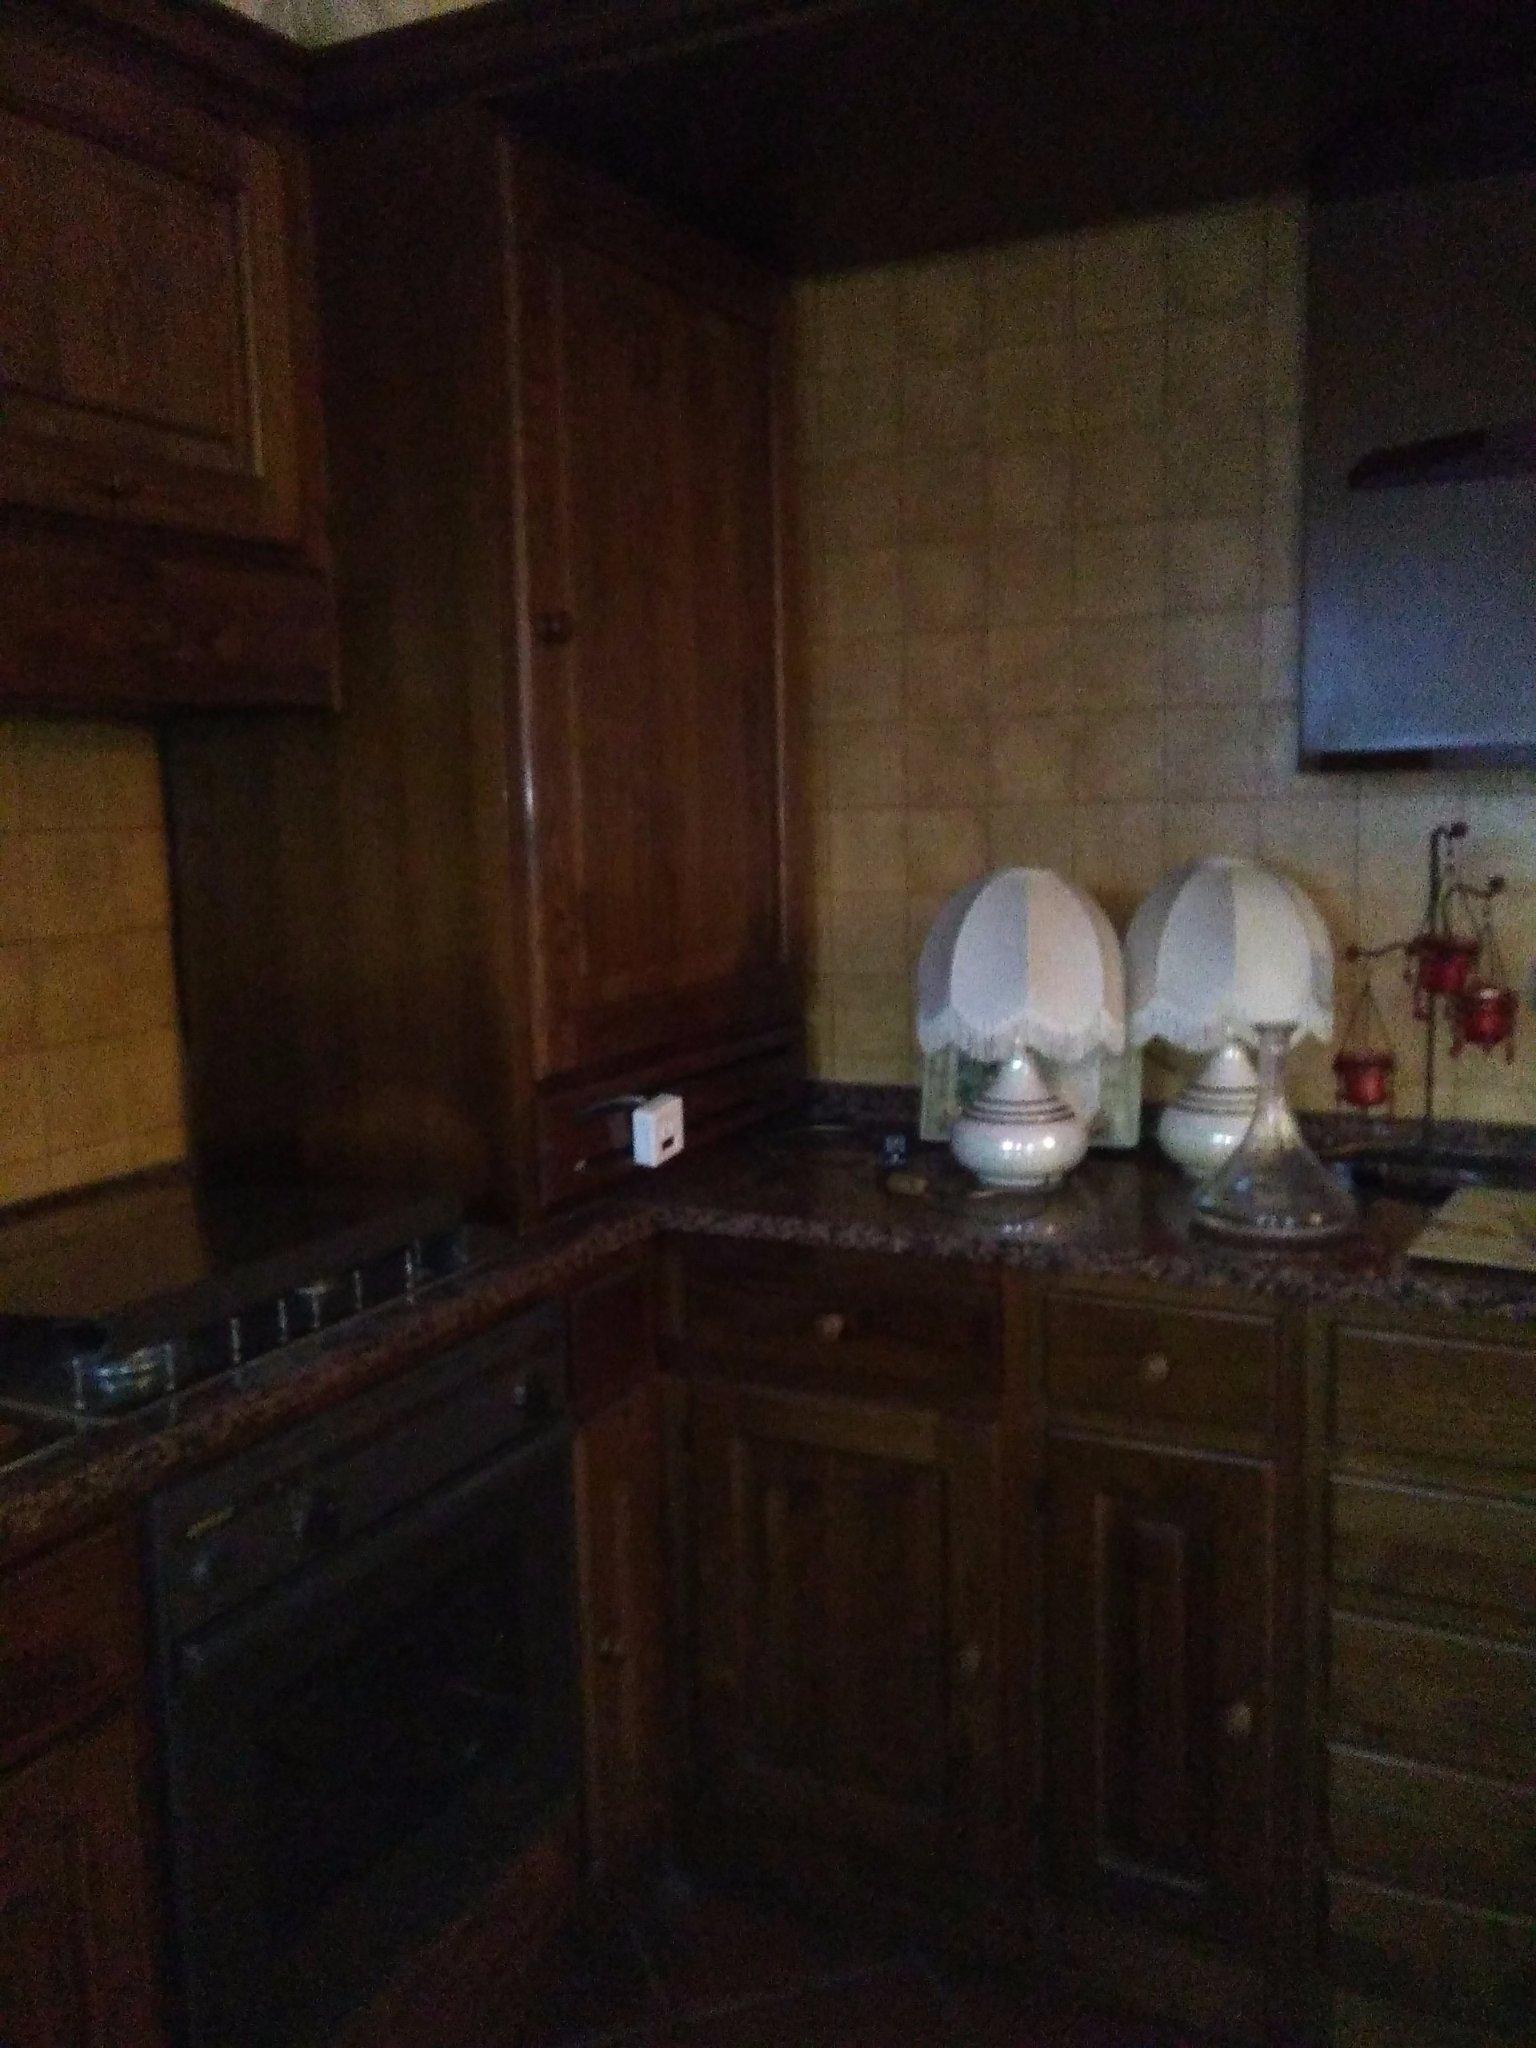 Verniciare o laccare ante vecchia cucina - Instapro